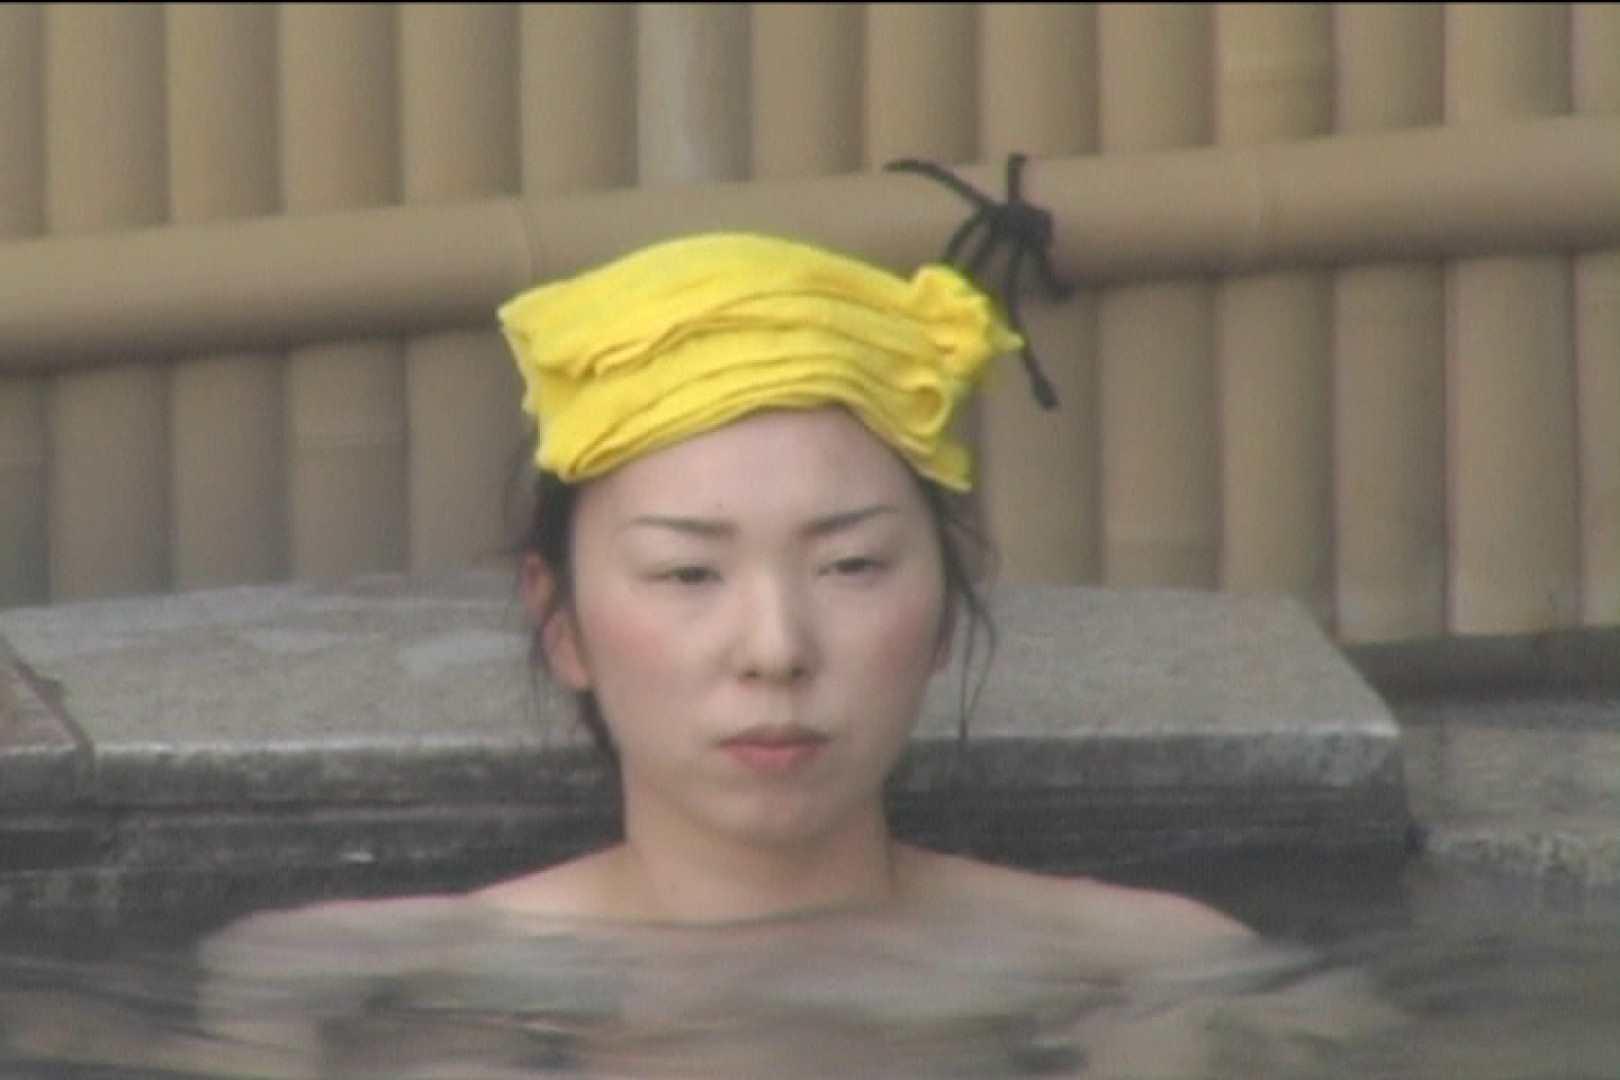 Aquaな露天風呂Vol.529 盗撮動画  11枚 4